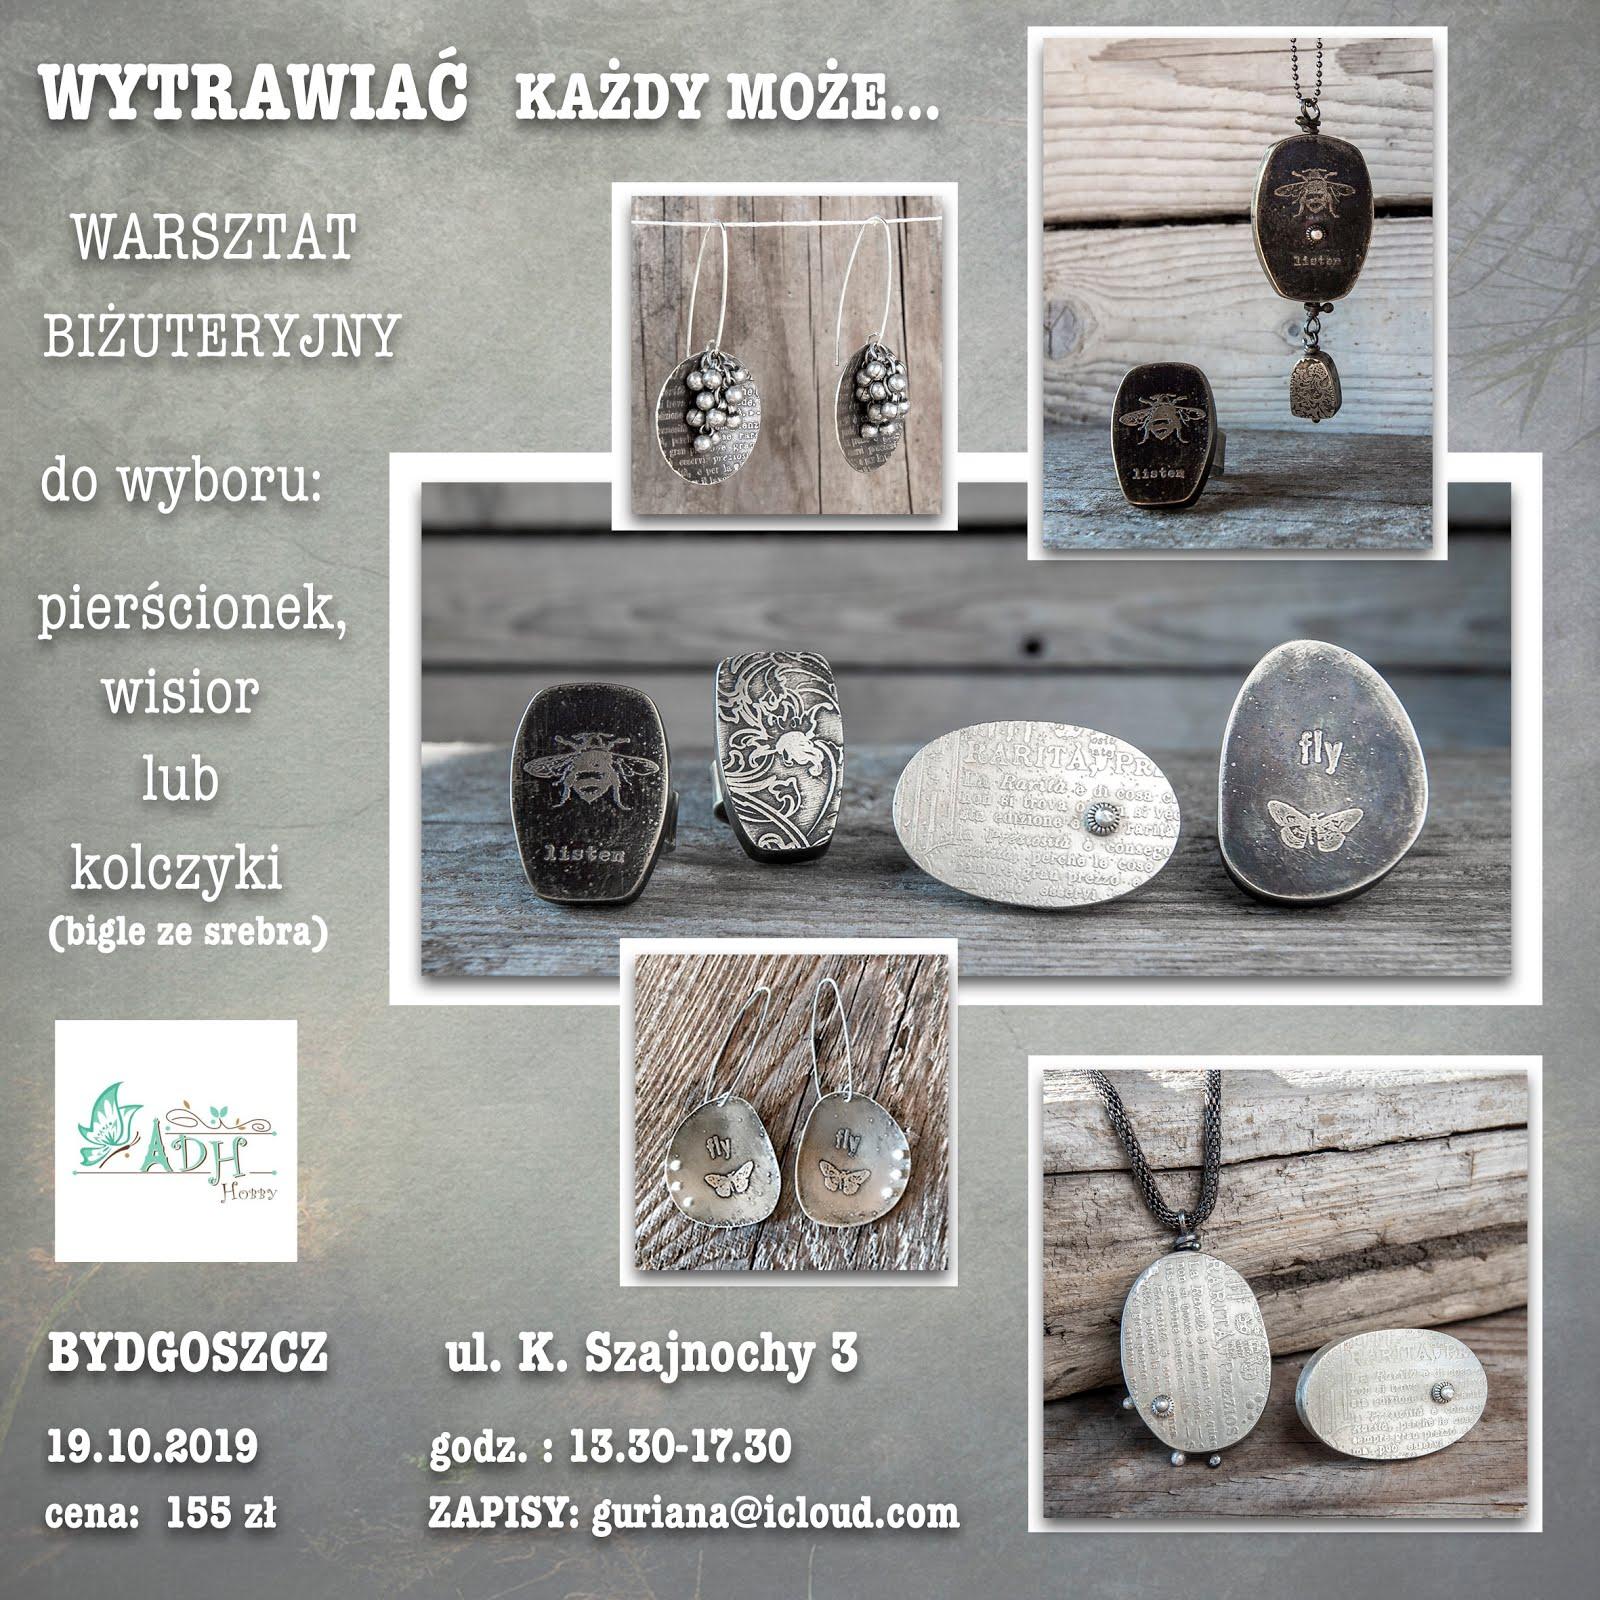 Bydgoszcz warsztat biżuteryjny Wytrawiać każdy może